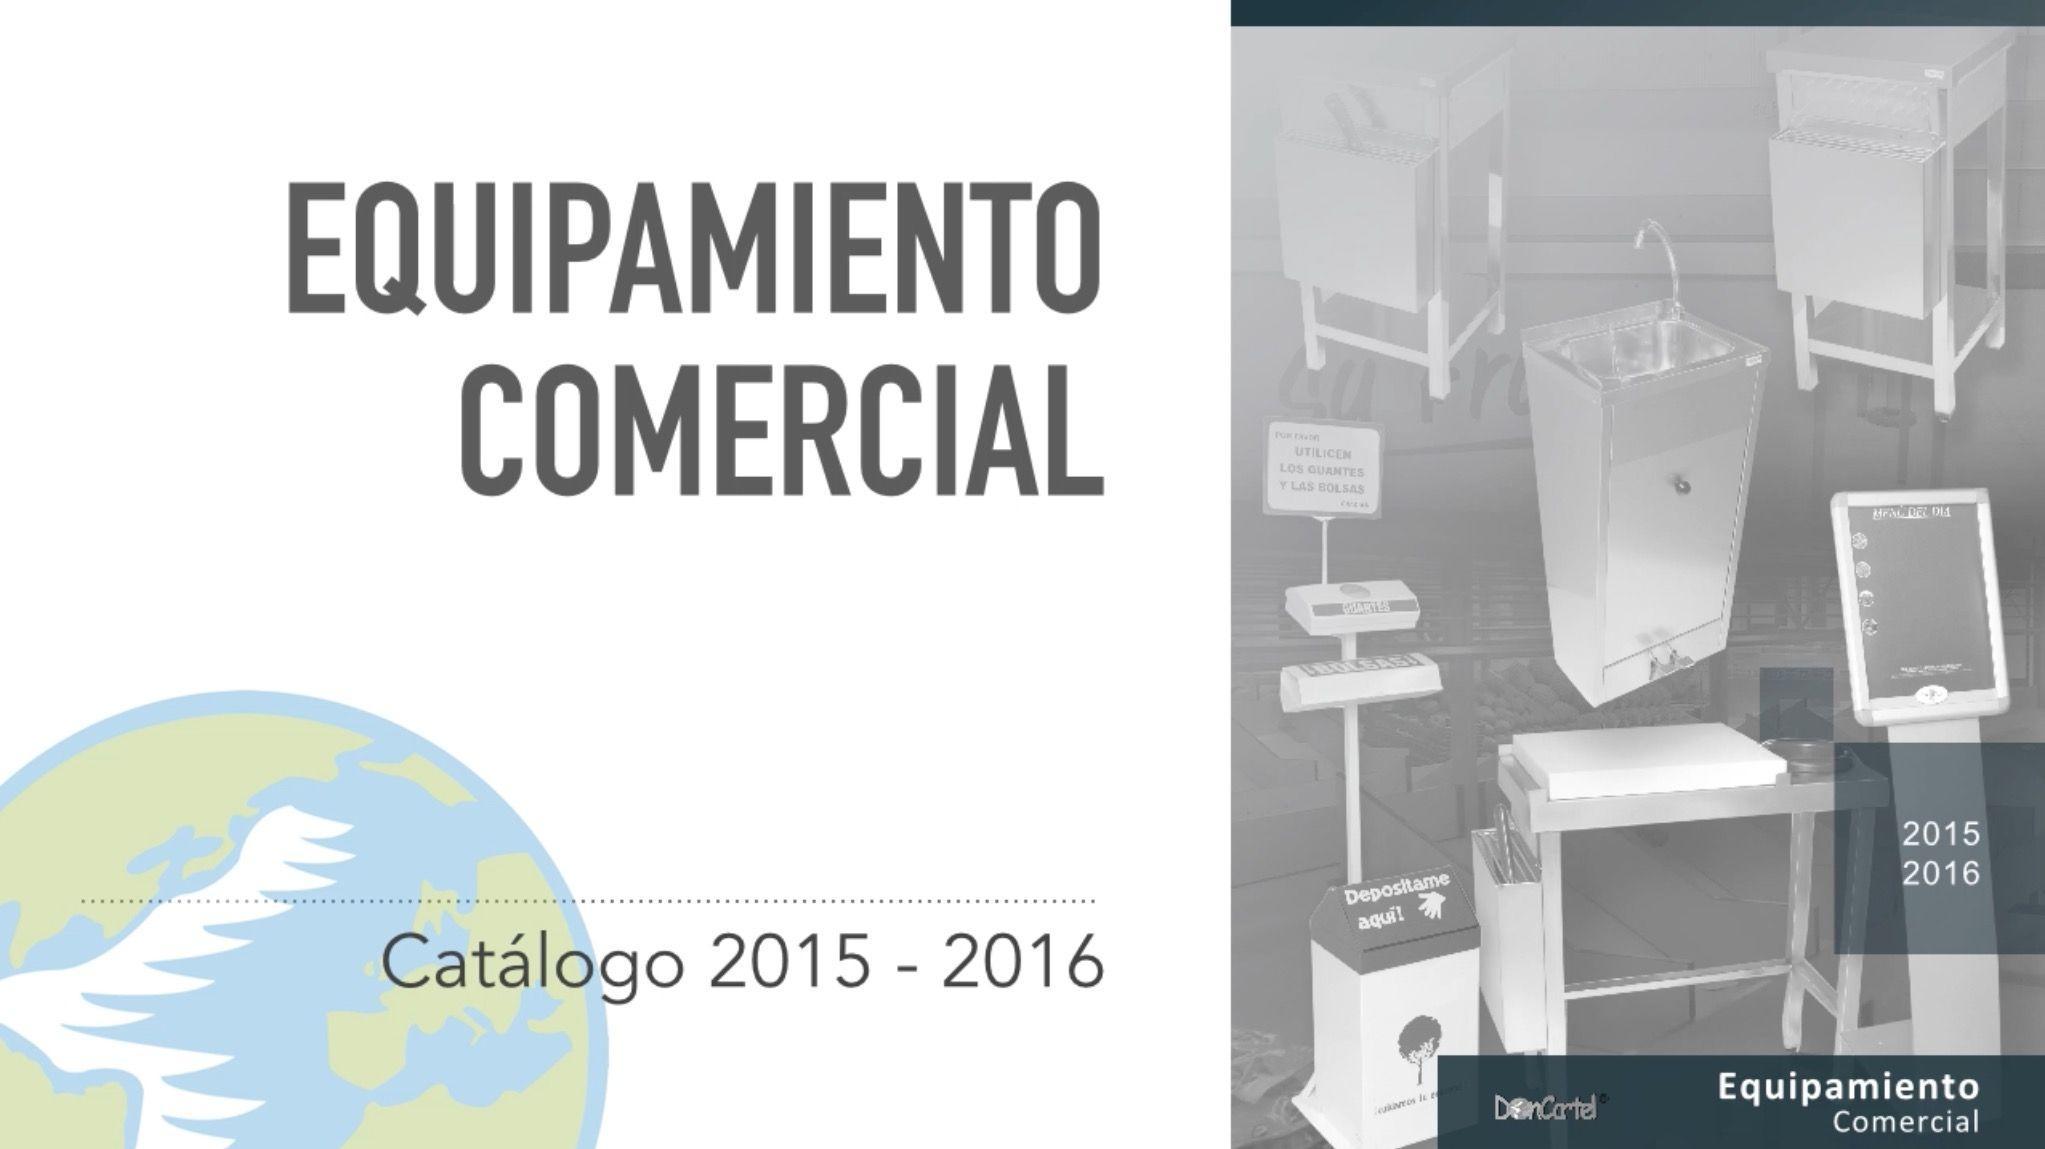 Catálogo Equipamiento Comercial Nuevo Video